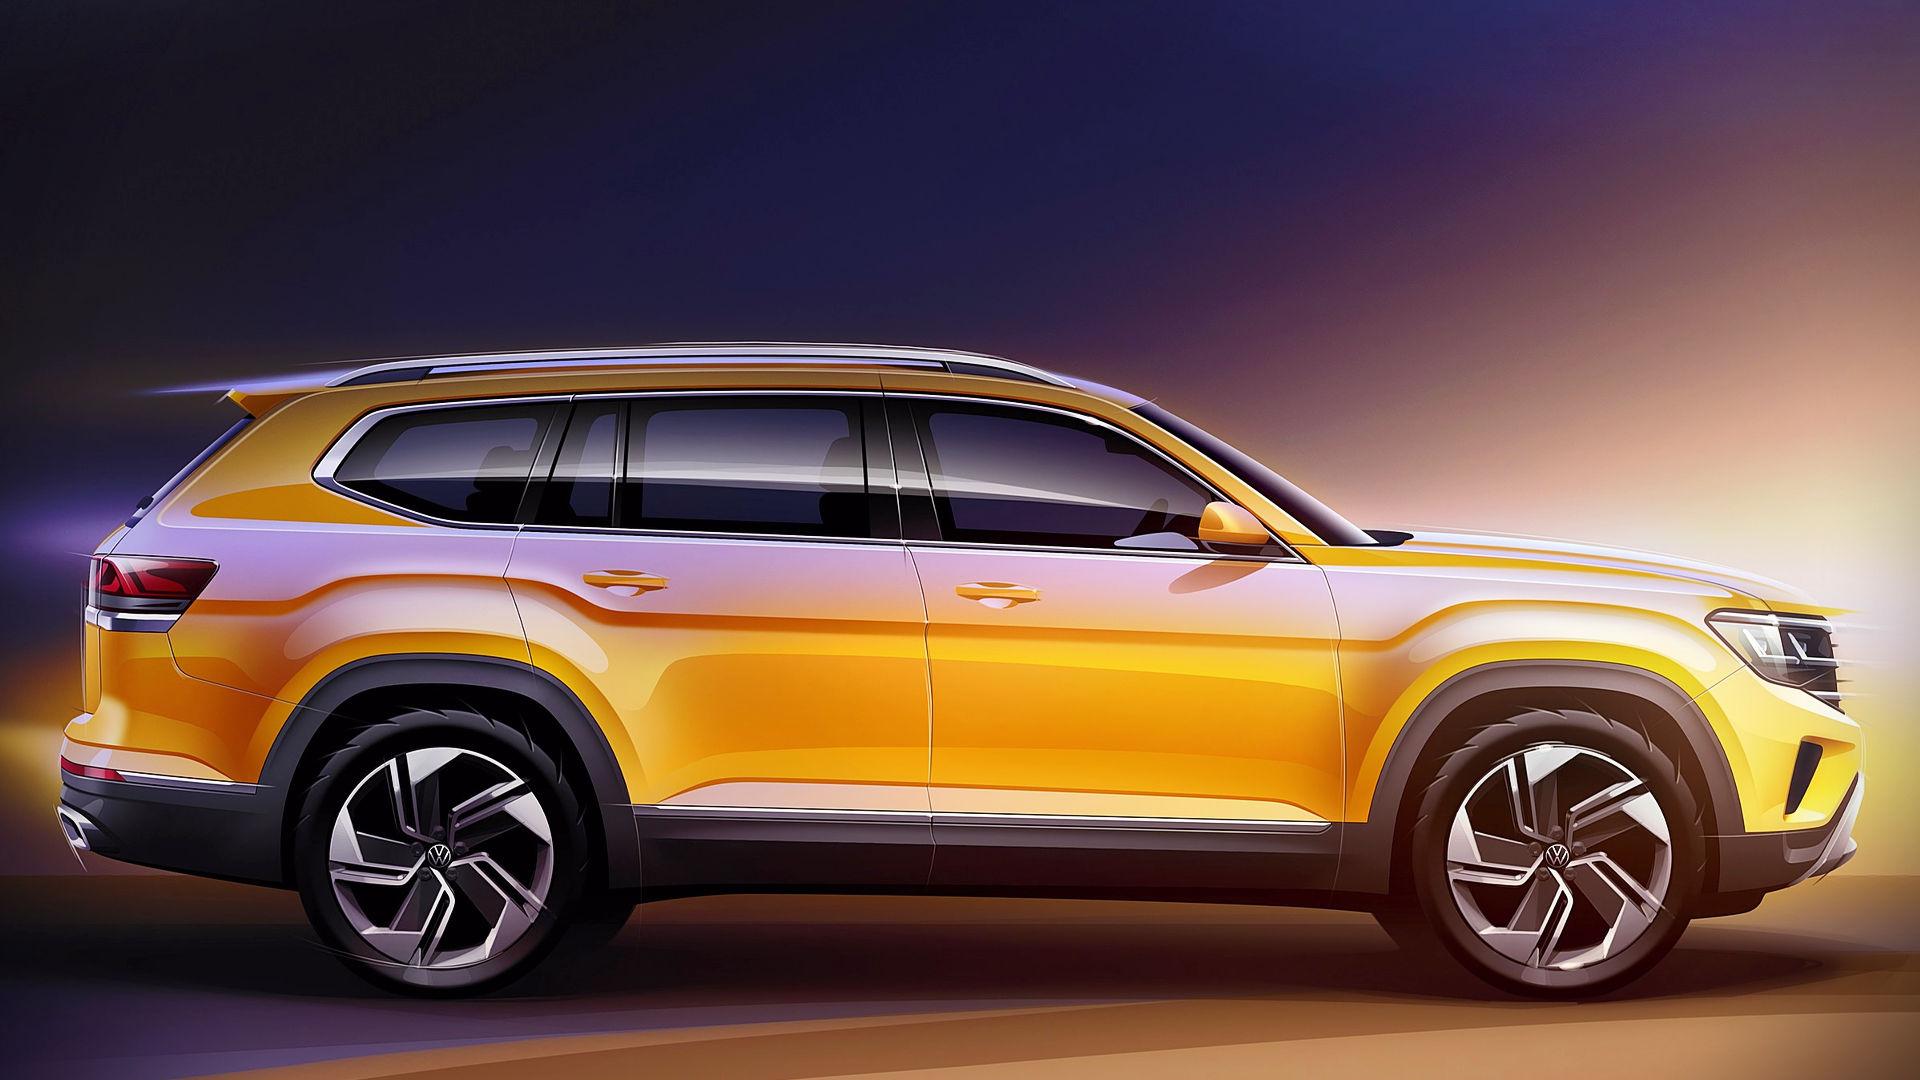 2021 VW Atlas Side Wallpaper Hd